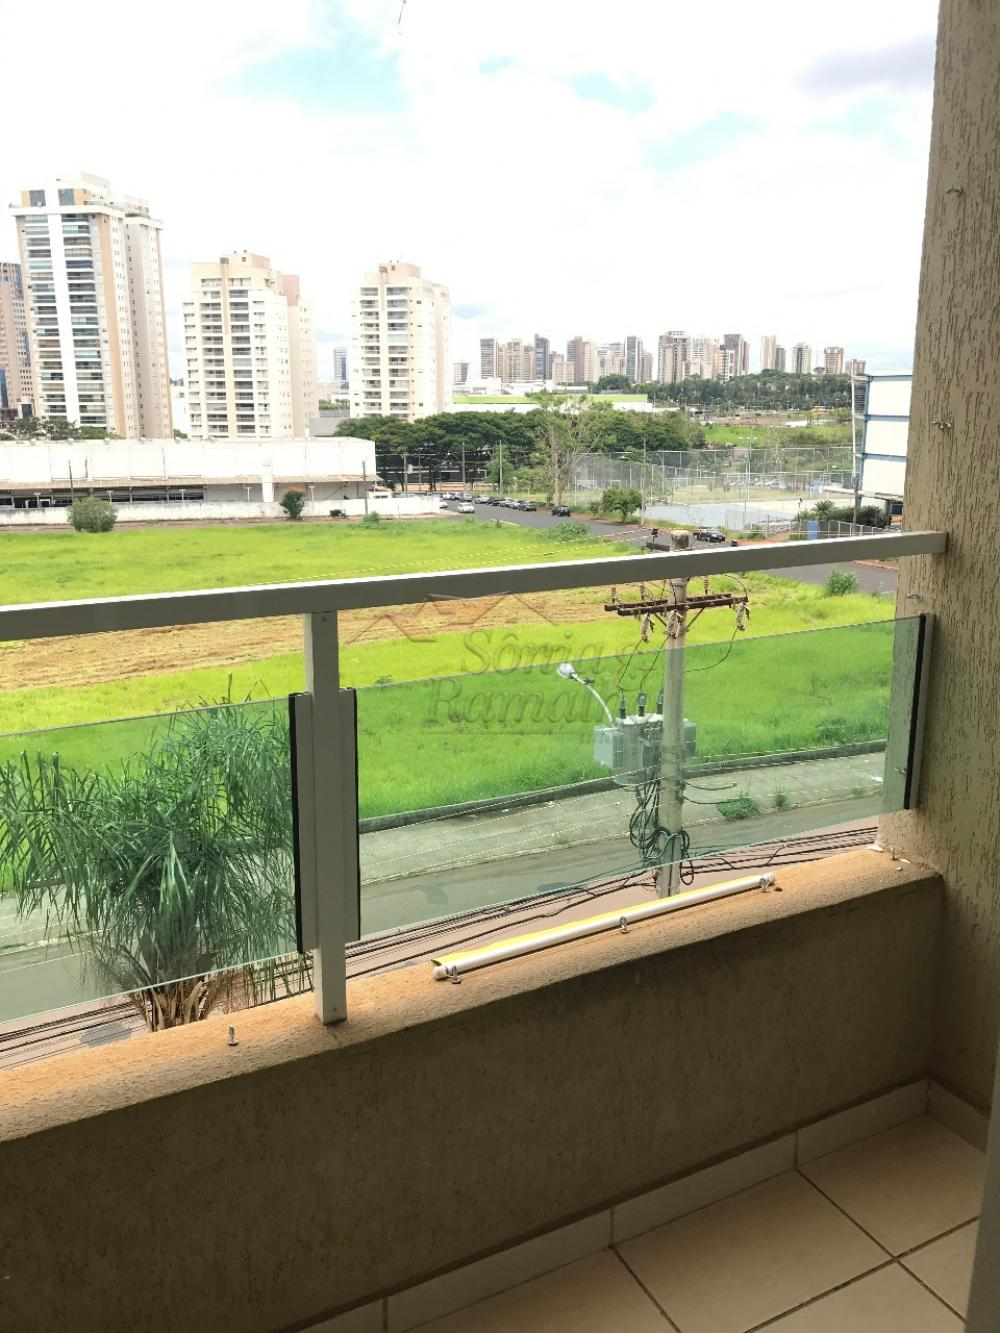 Comprar Apartamentos / Padrão em Ribeirão Preto apenas R$ 280.000,00 - Foto 8